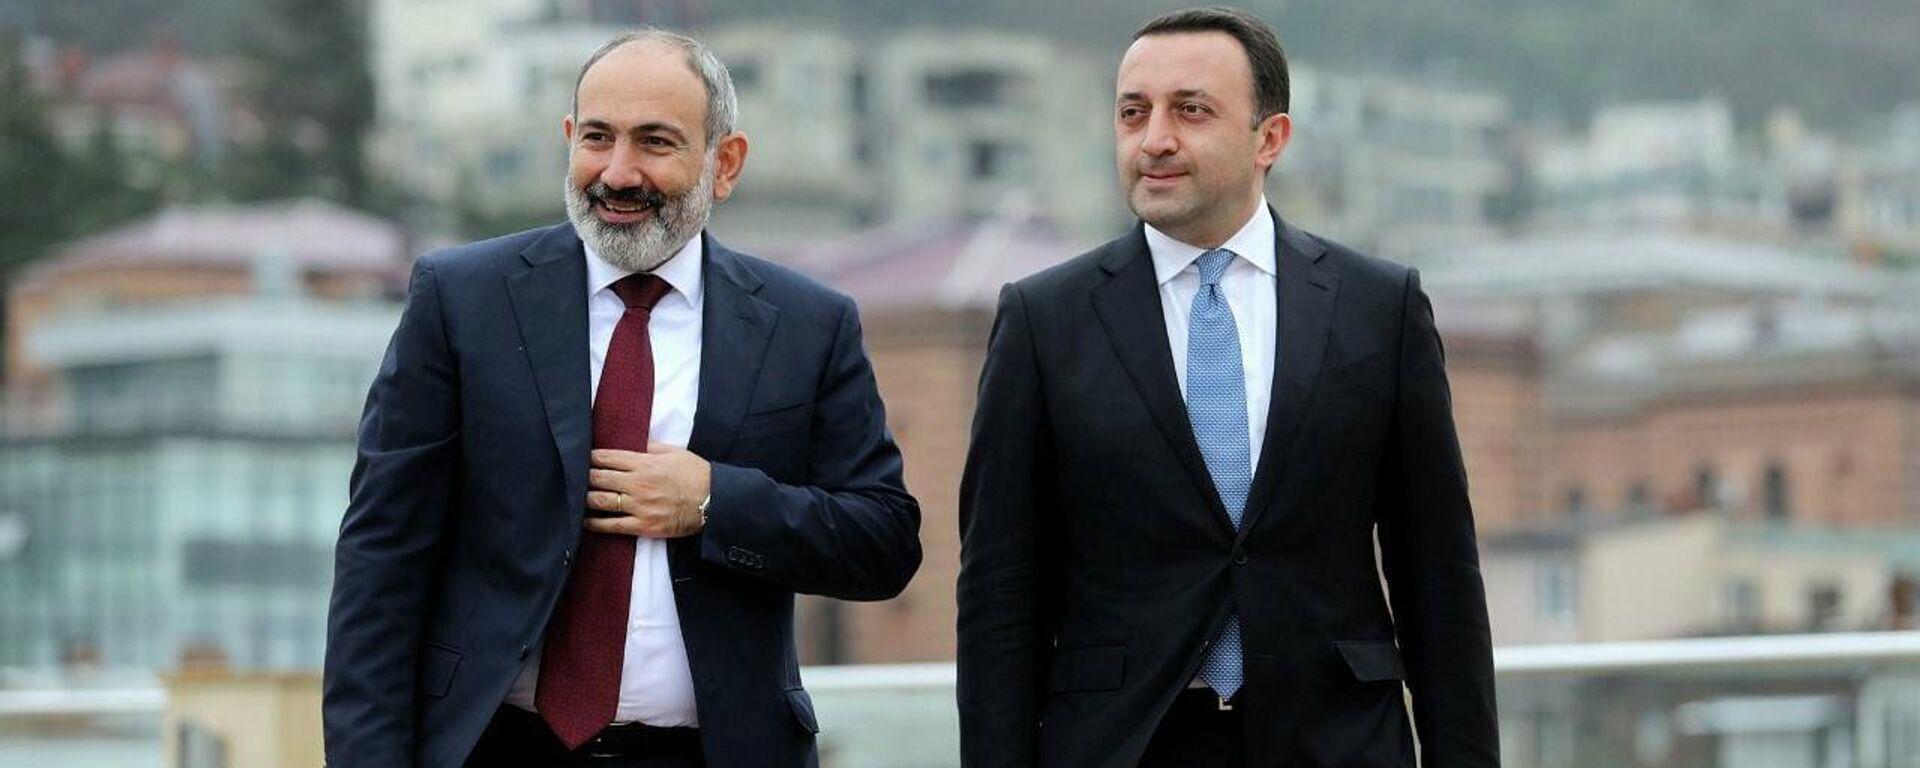 Ираклий Гарибашвили и Никол Пашинян - Sputnik Грузия, 1920, 08.09.2021